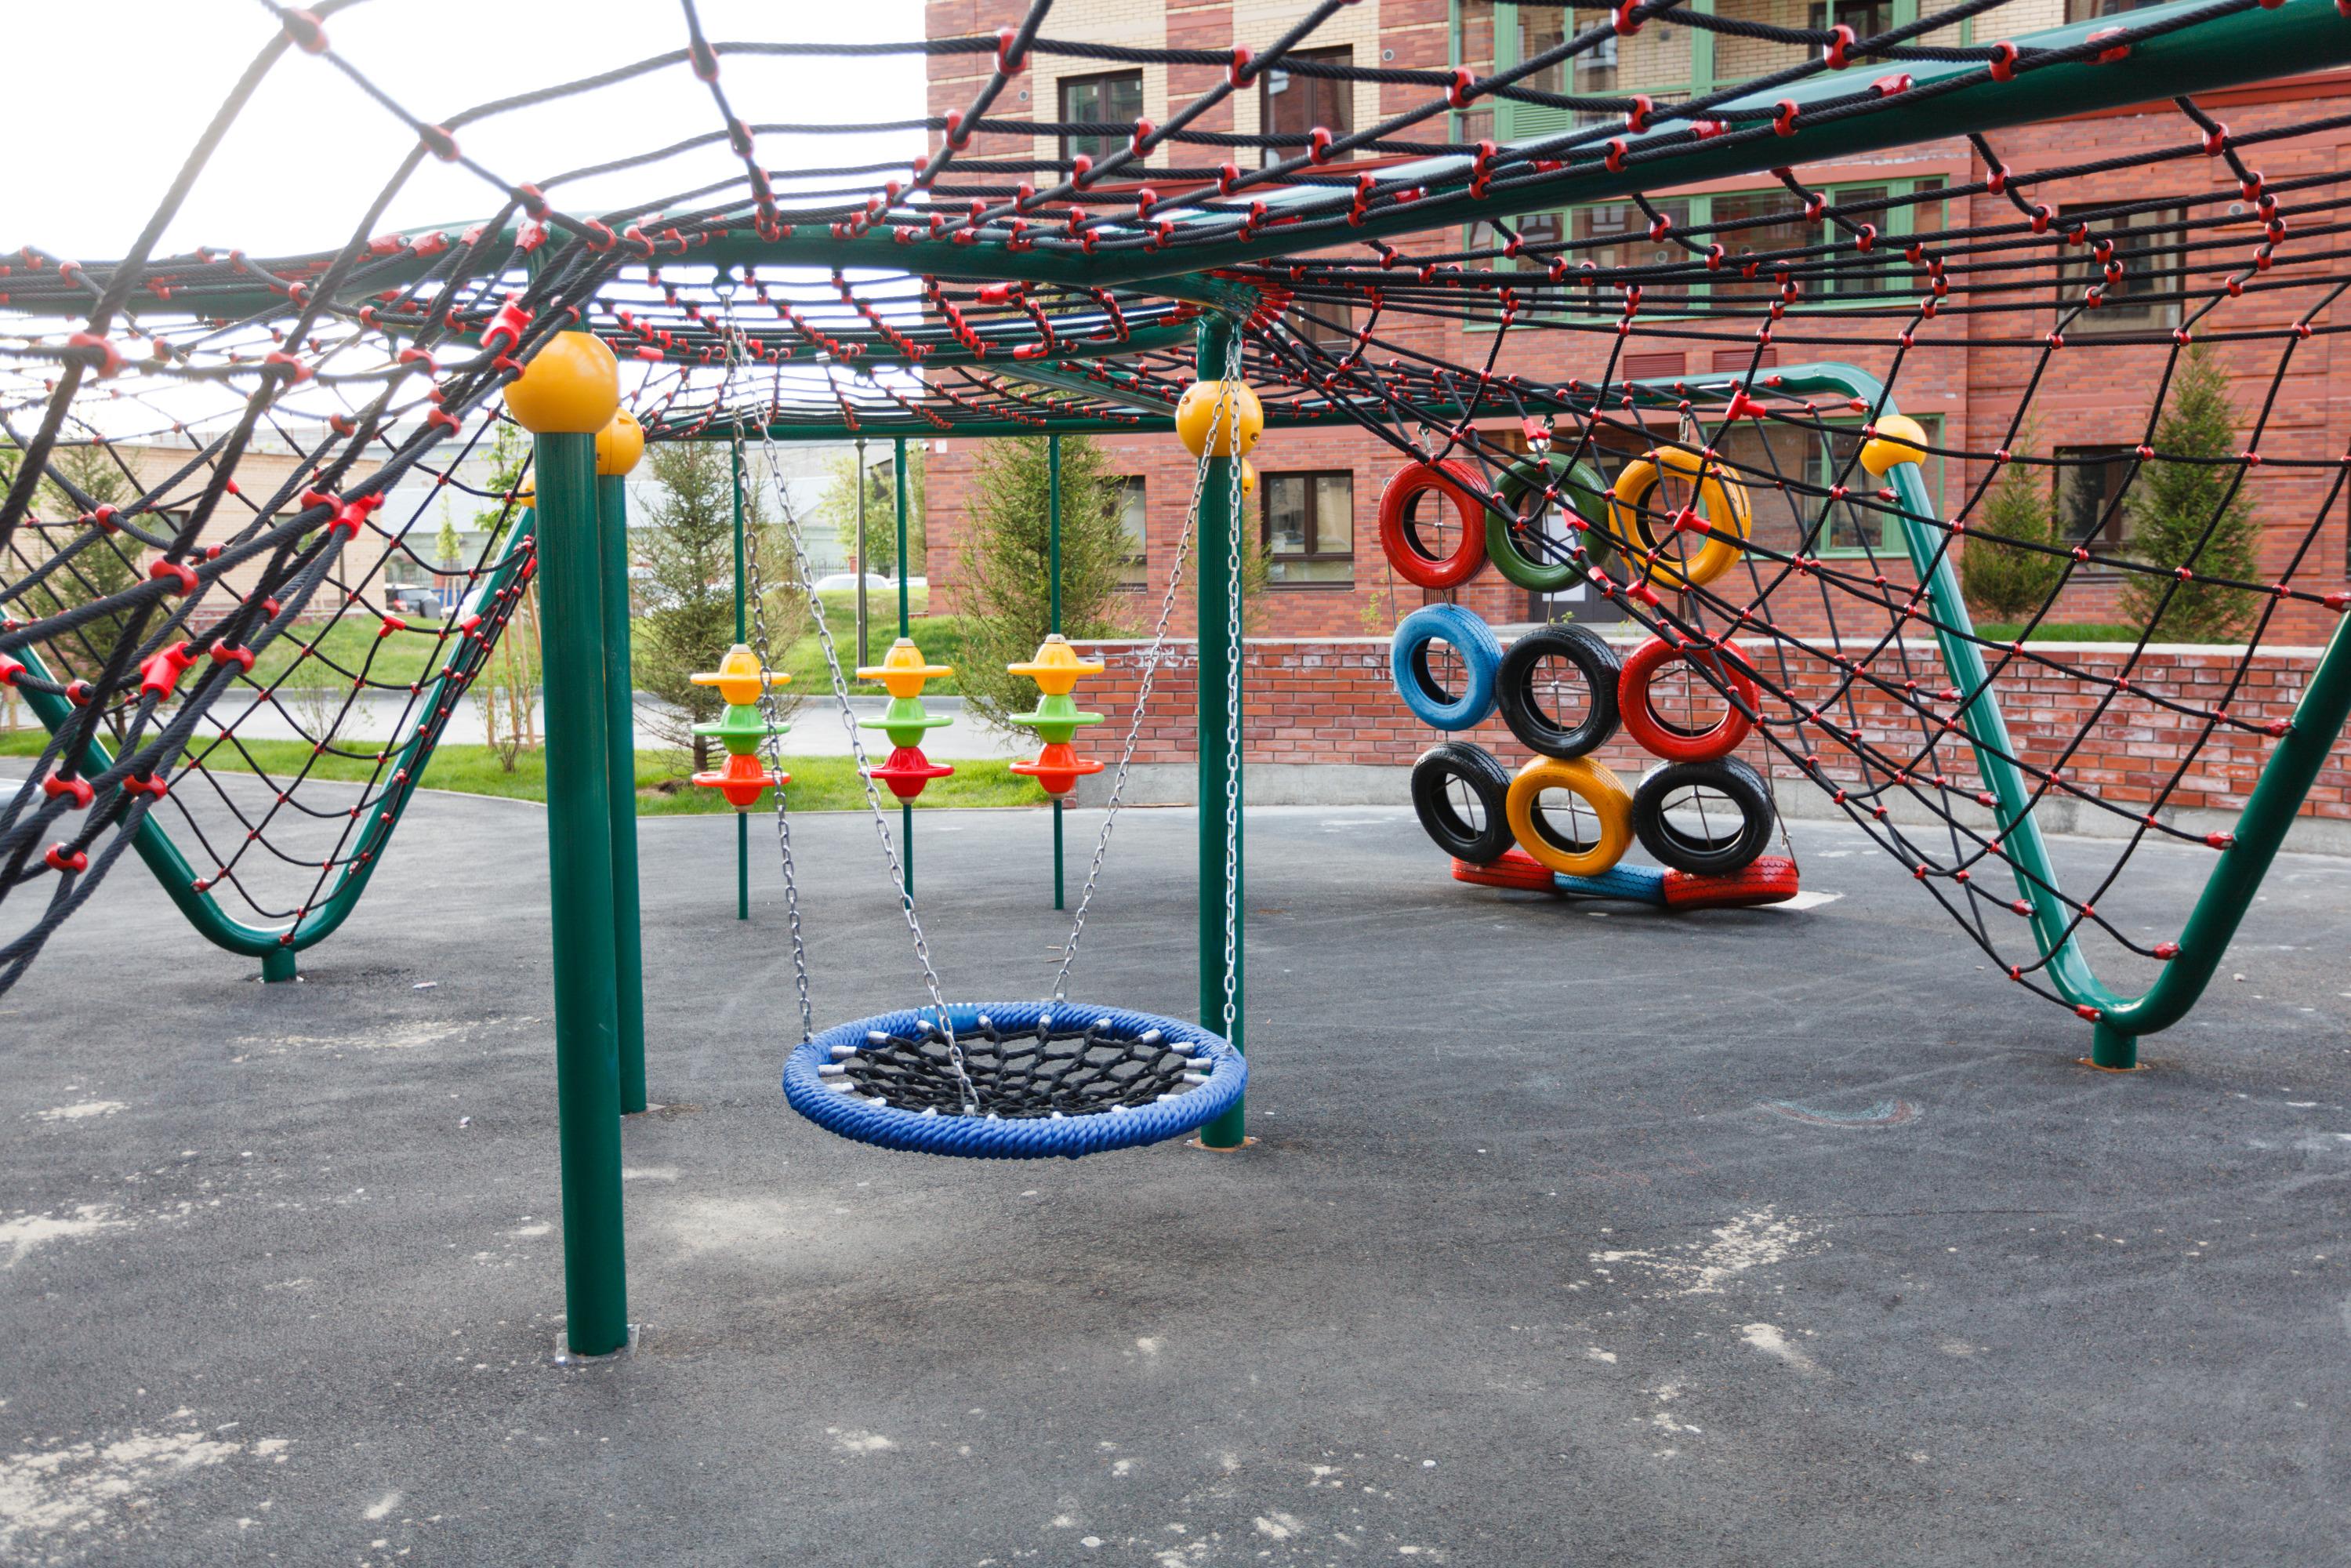 Яркие детские площадки привлекают больше детей, чем монохромные